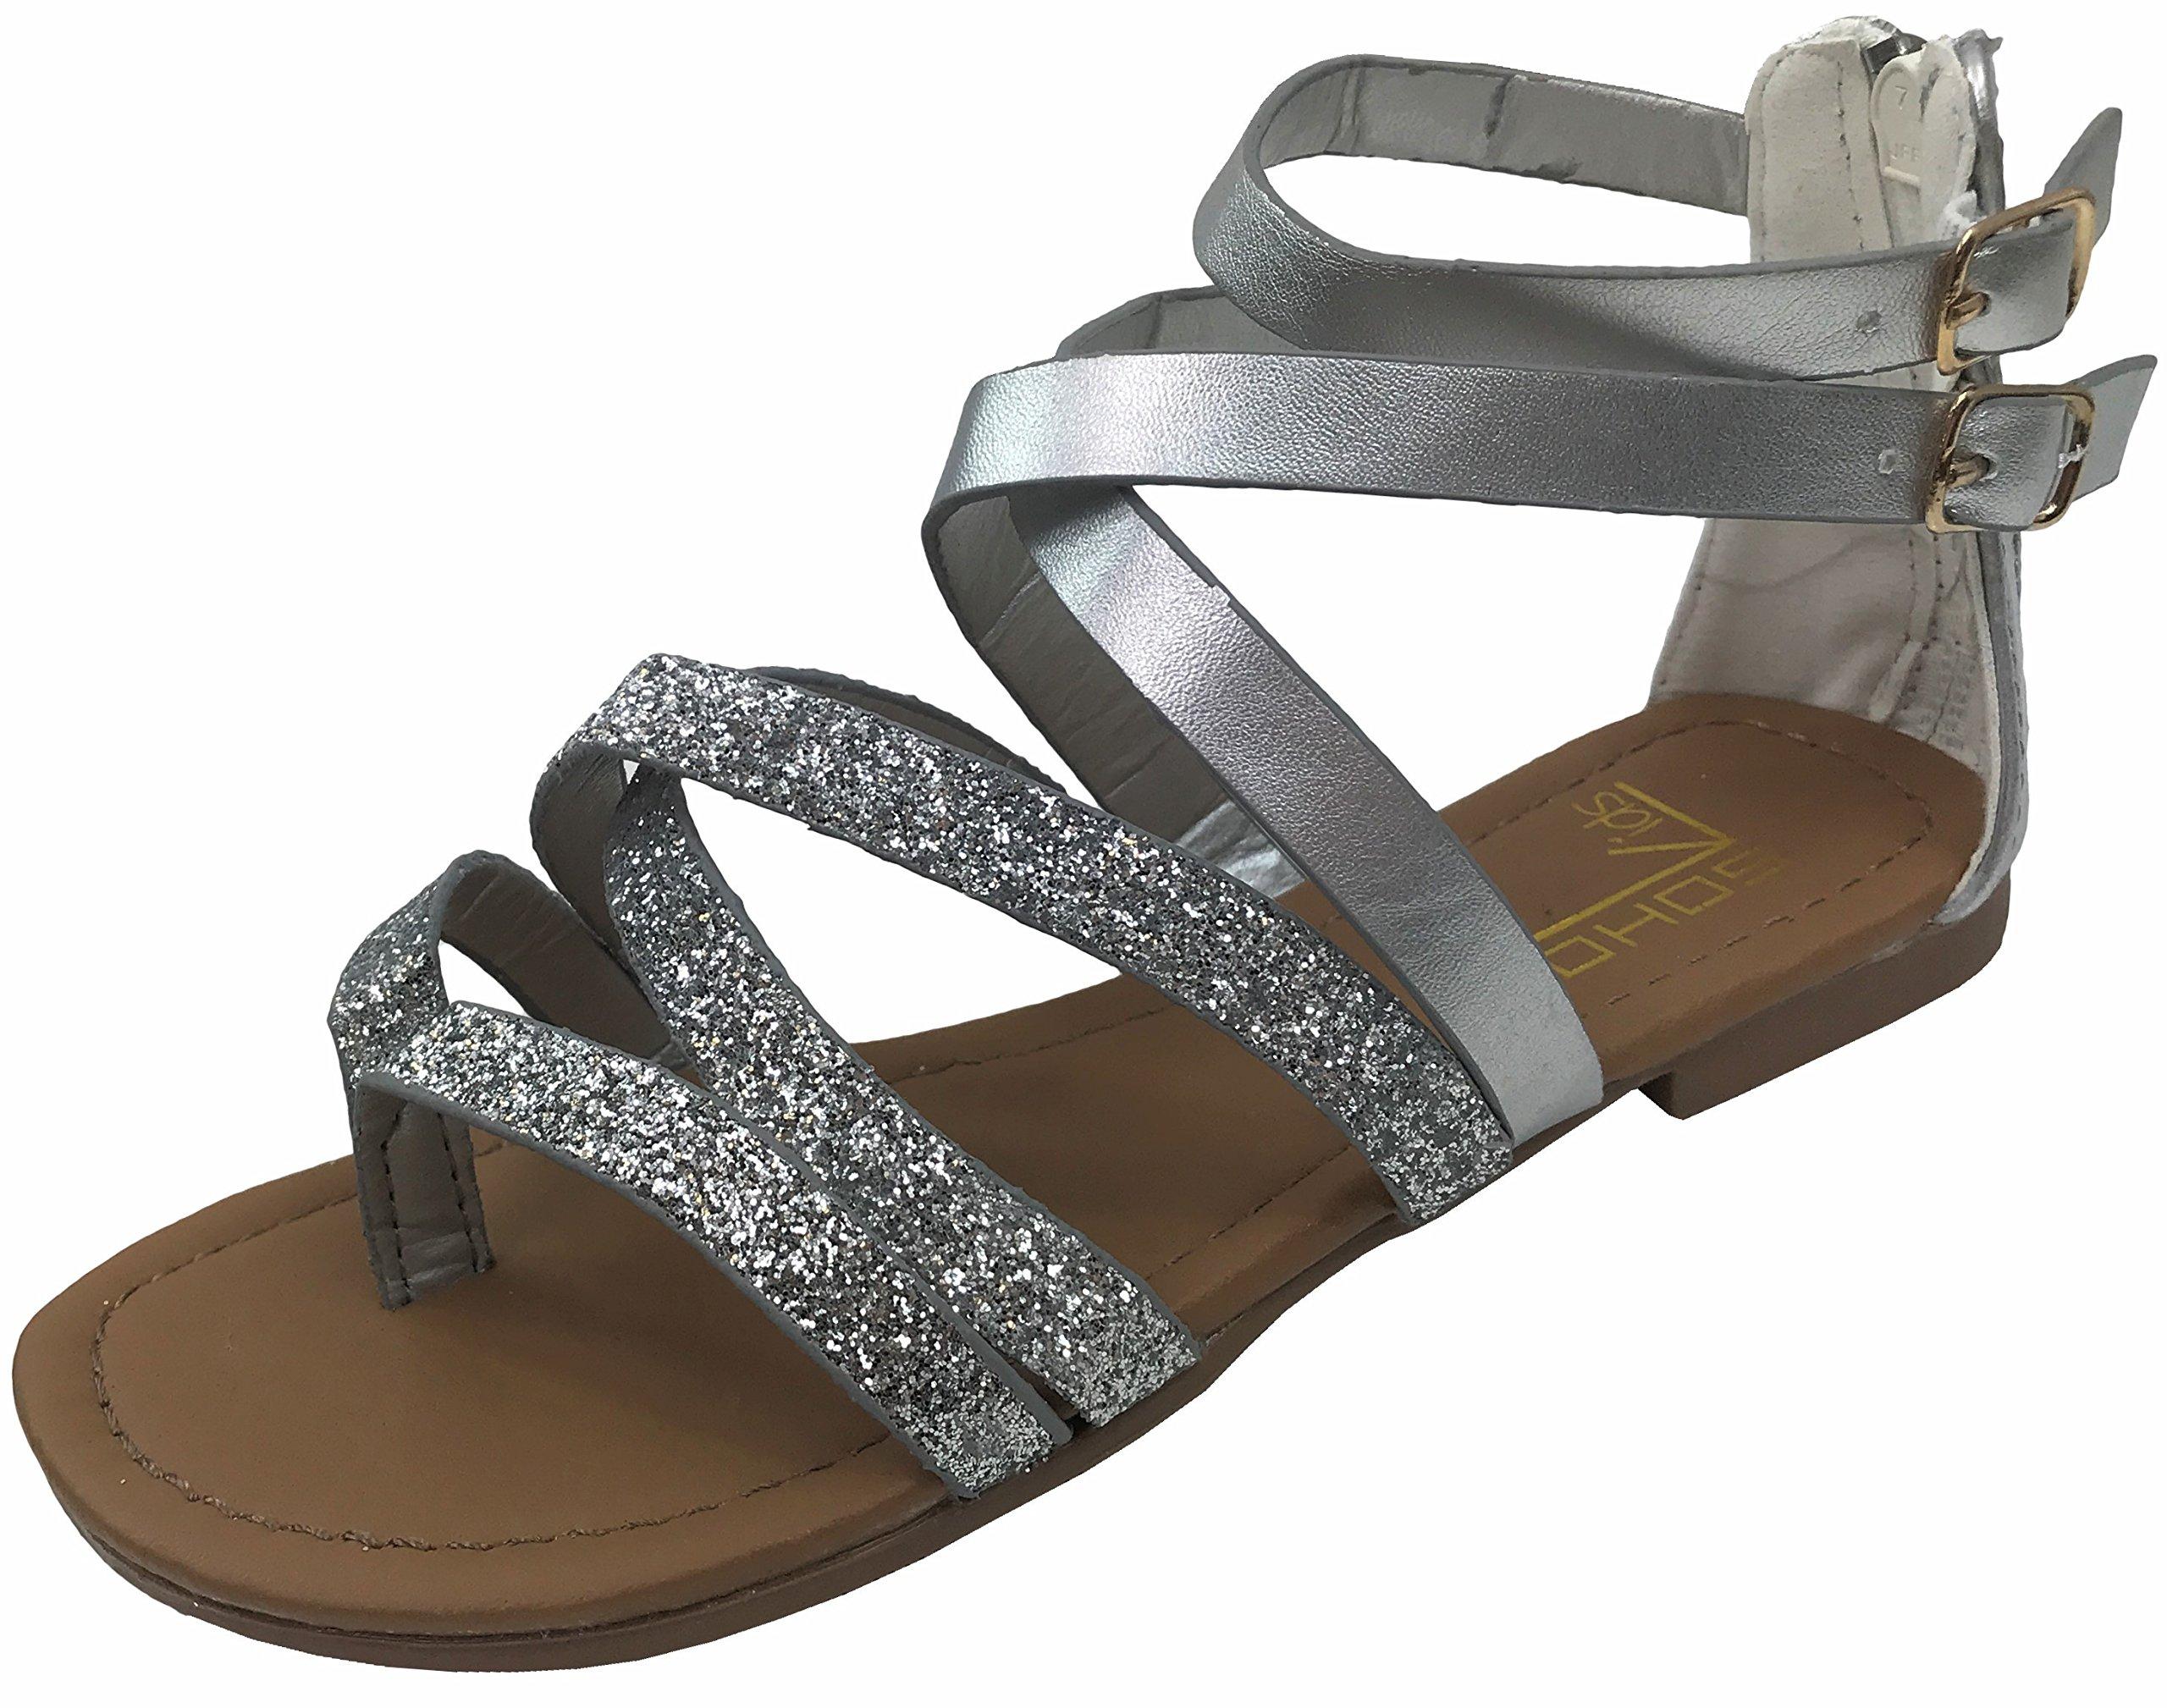 Girls Kids Gladiator Strappy Summer Sandals Silver Glitter 4